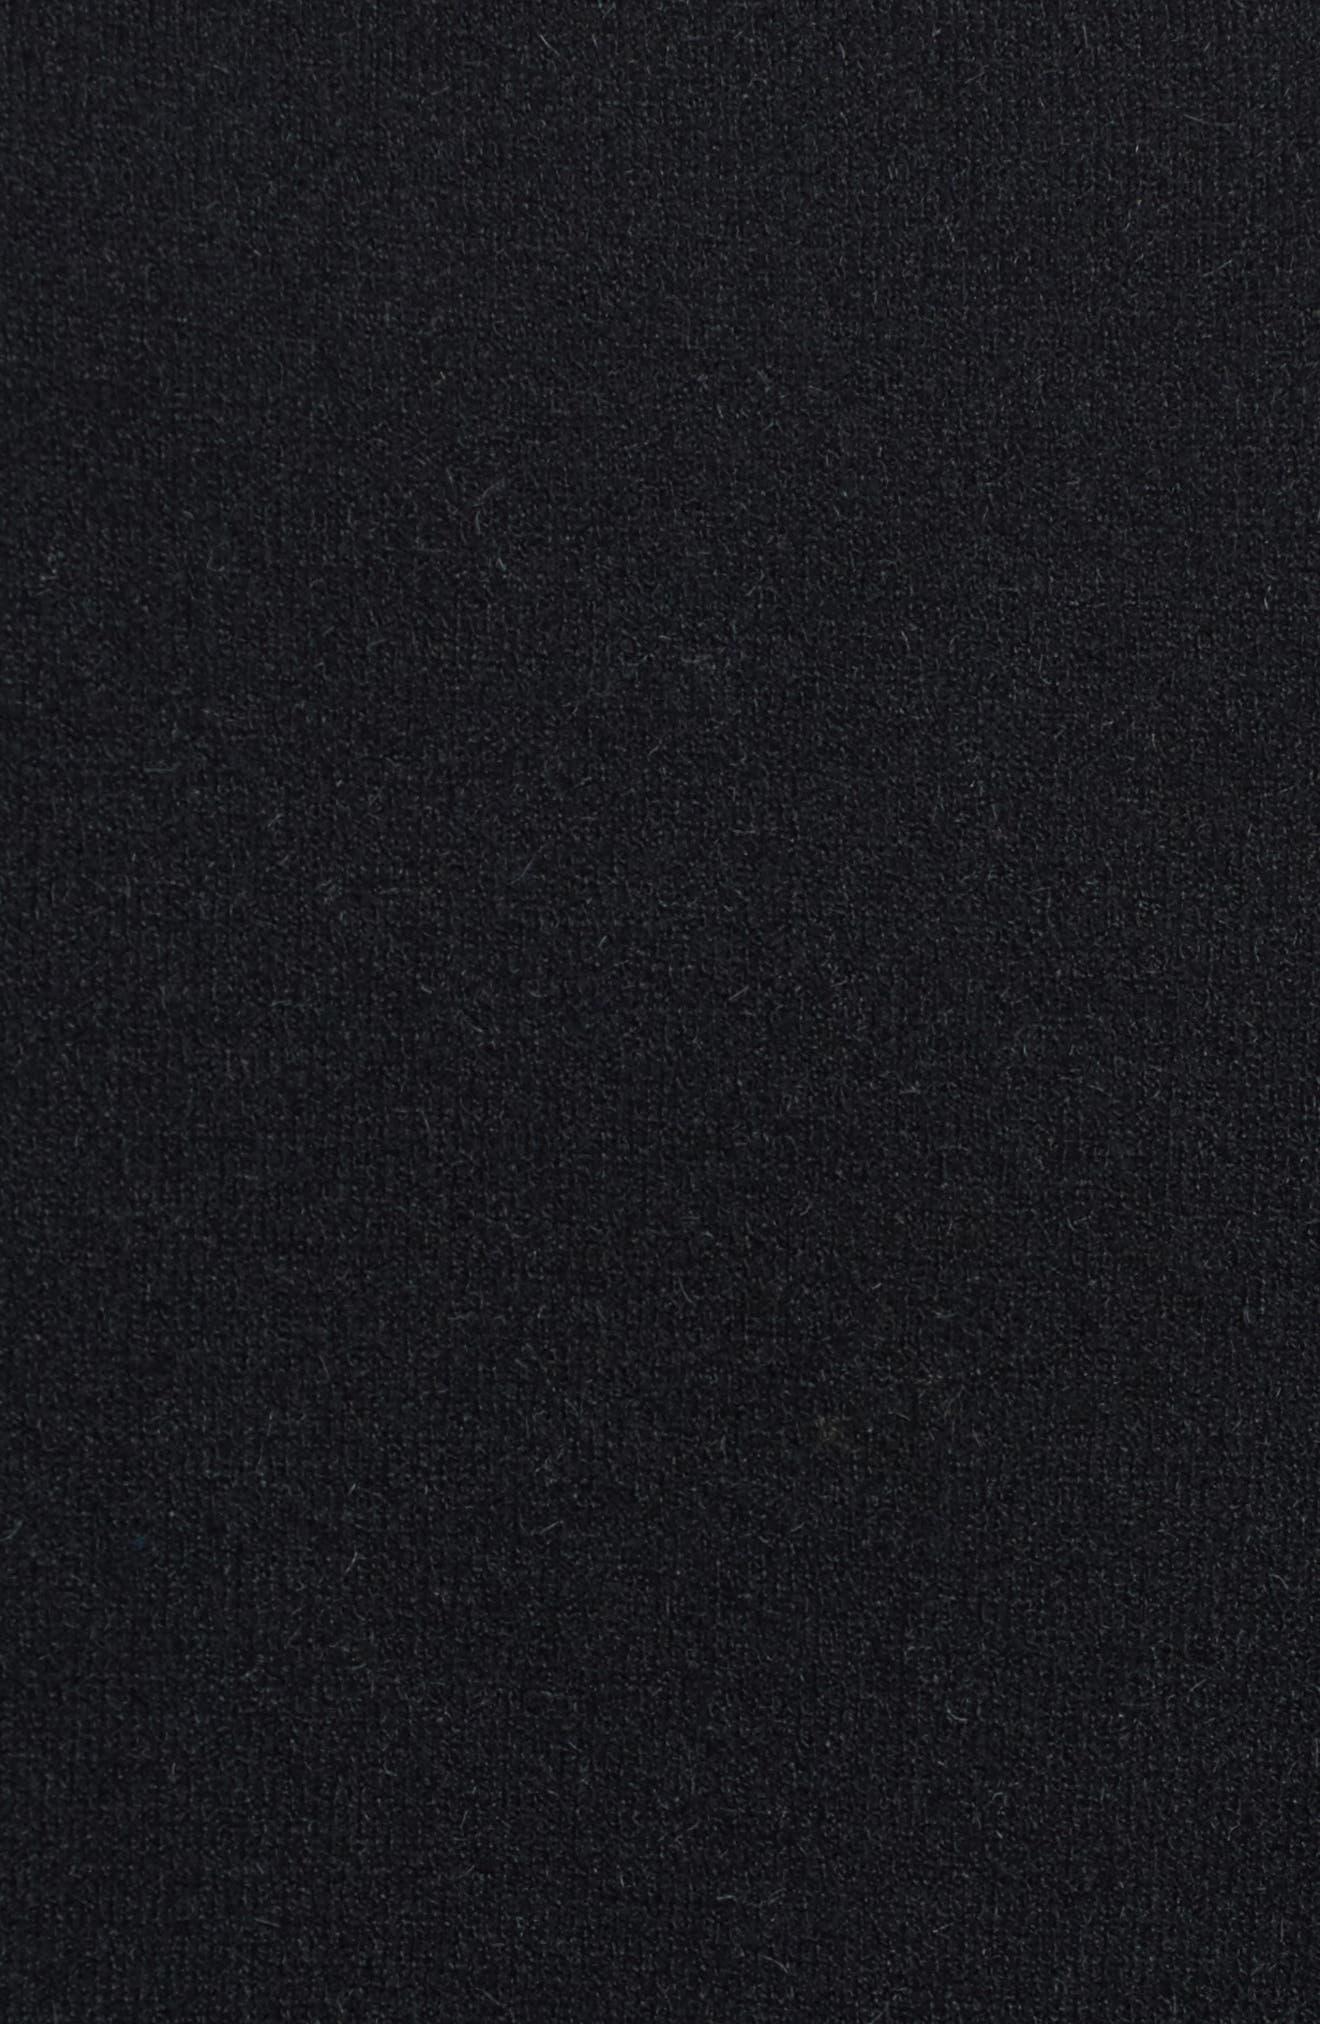 Velvet Back Sweater,                             Alternate thumbnail 5, color,                             Black